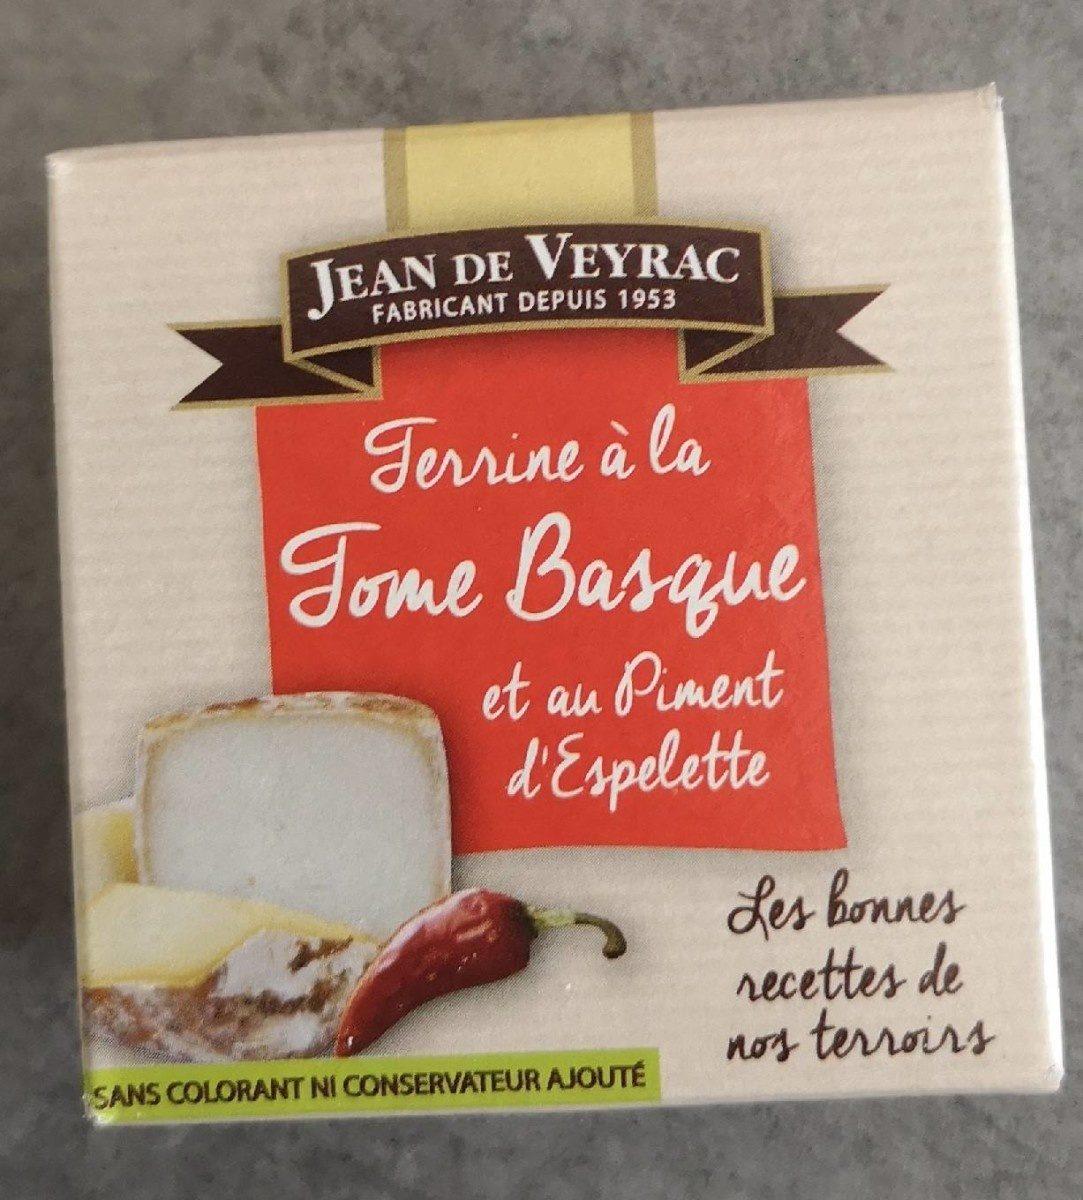 Terrine à la tome Basque - Product